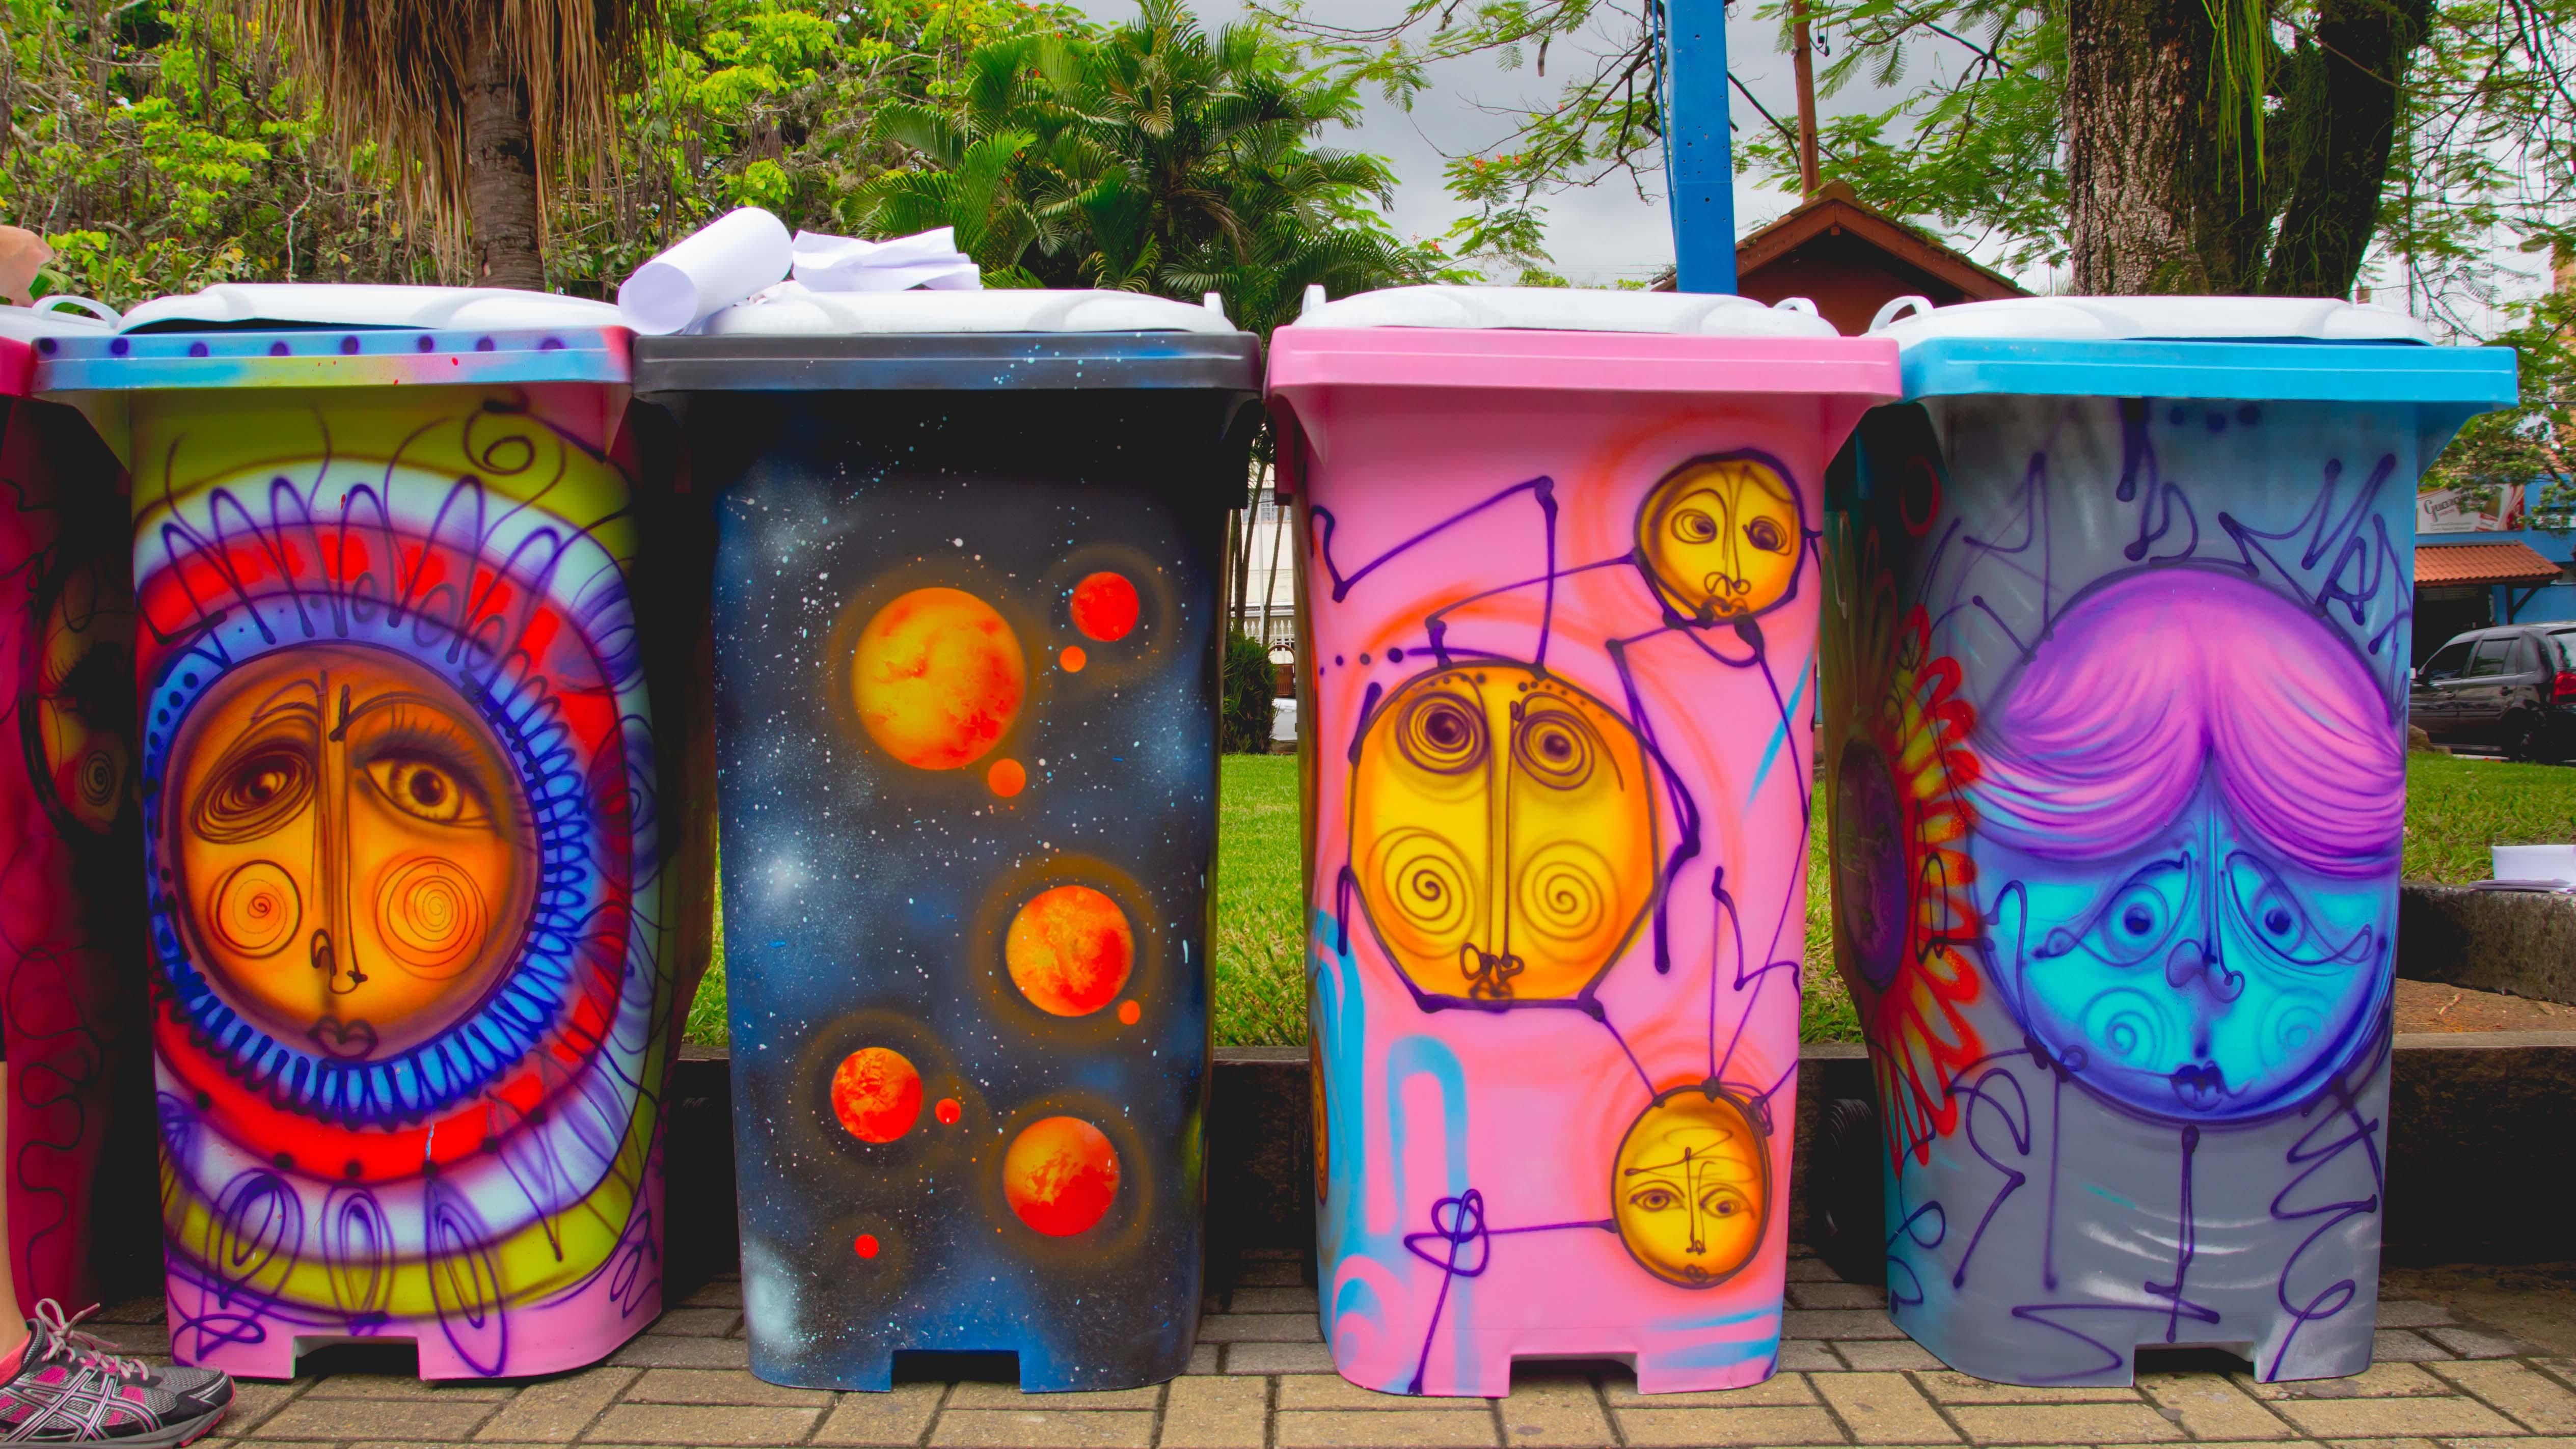 Lixeiras estilizadas pelo projeto do artista plástico Fernando Madeira, expostas na praça 9 de Julho. (Colaboração)